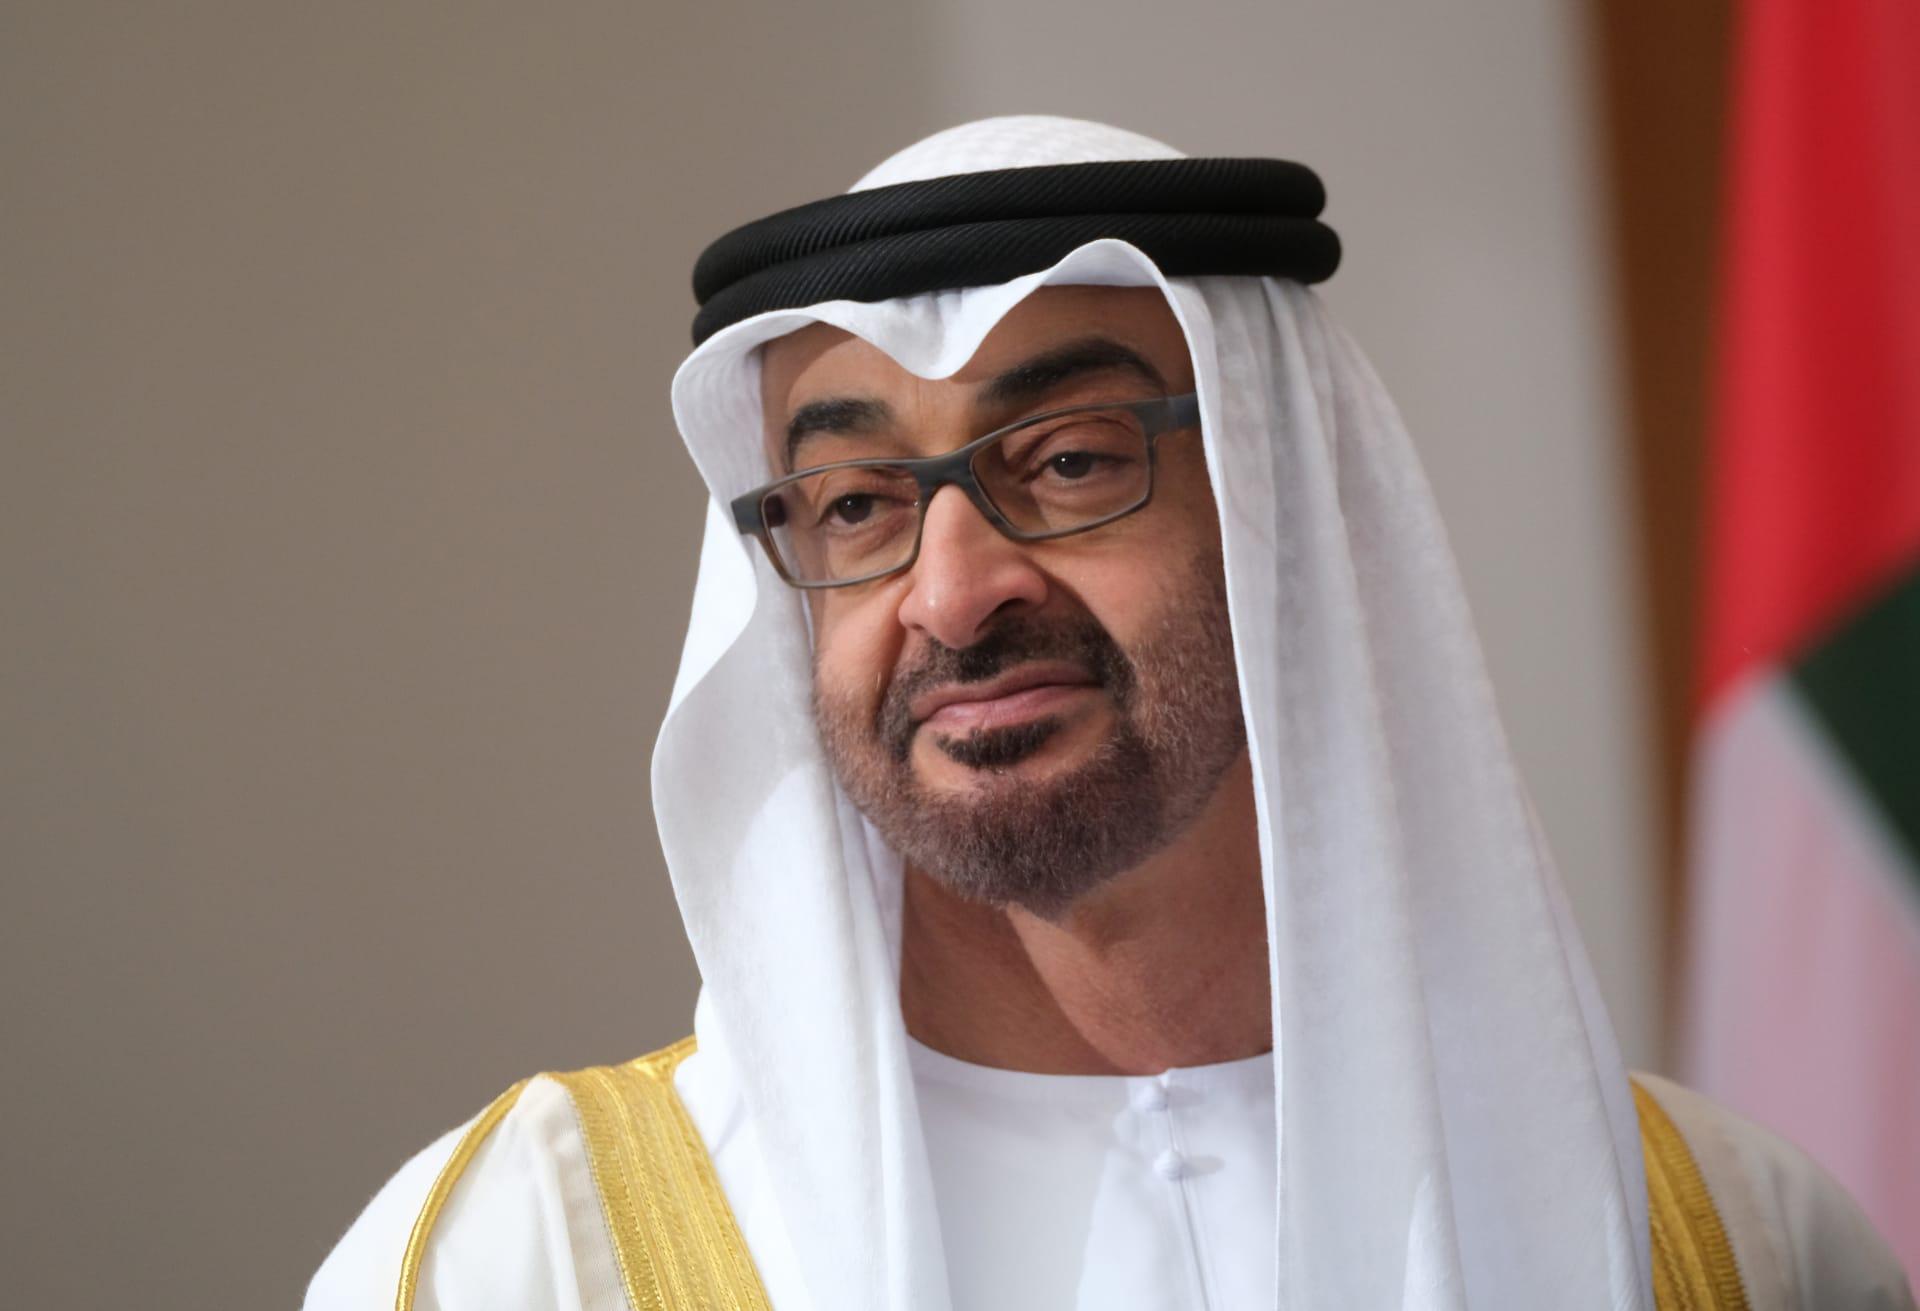 محمد بن زايد يصل إلى الرياض.. وولي العهد السعودي باستقباله